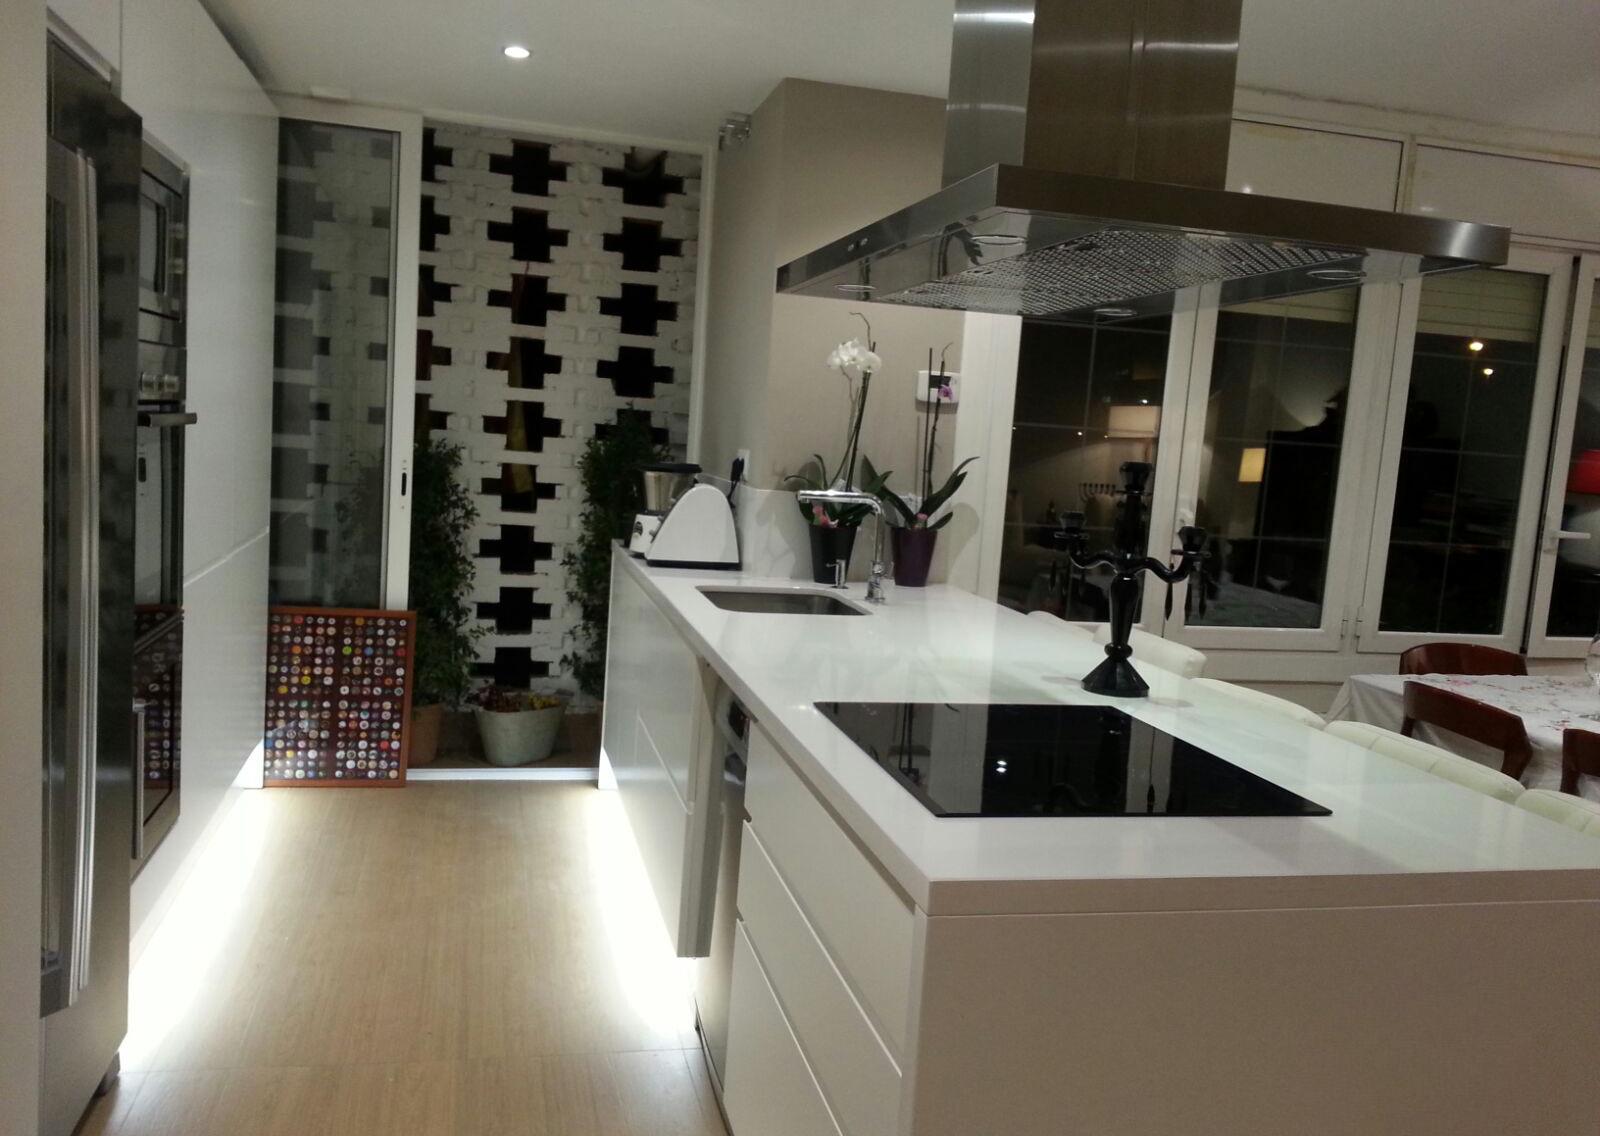 Muebles De Cocina Lacados En Blanco. Cmo Limpiar Muebles Lacados En ...